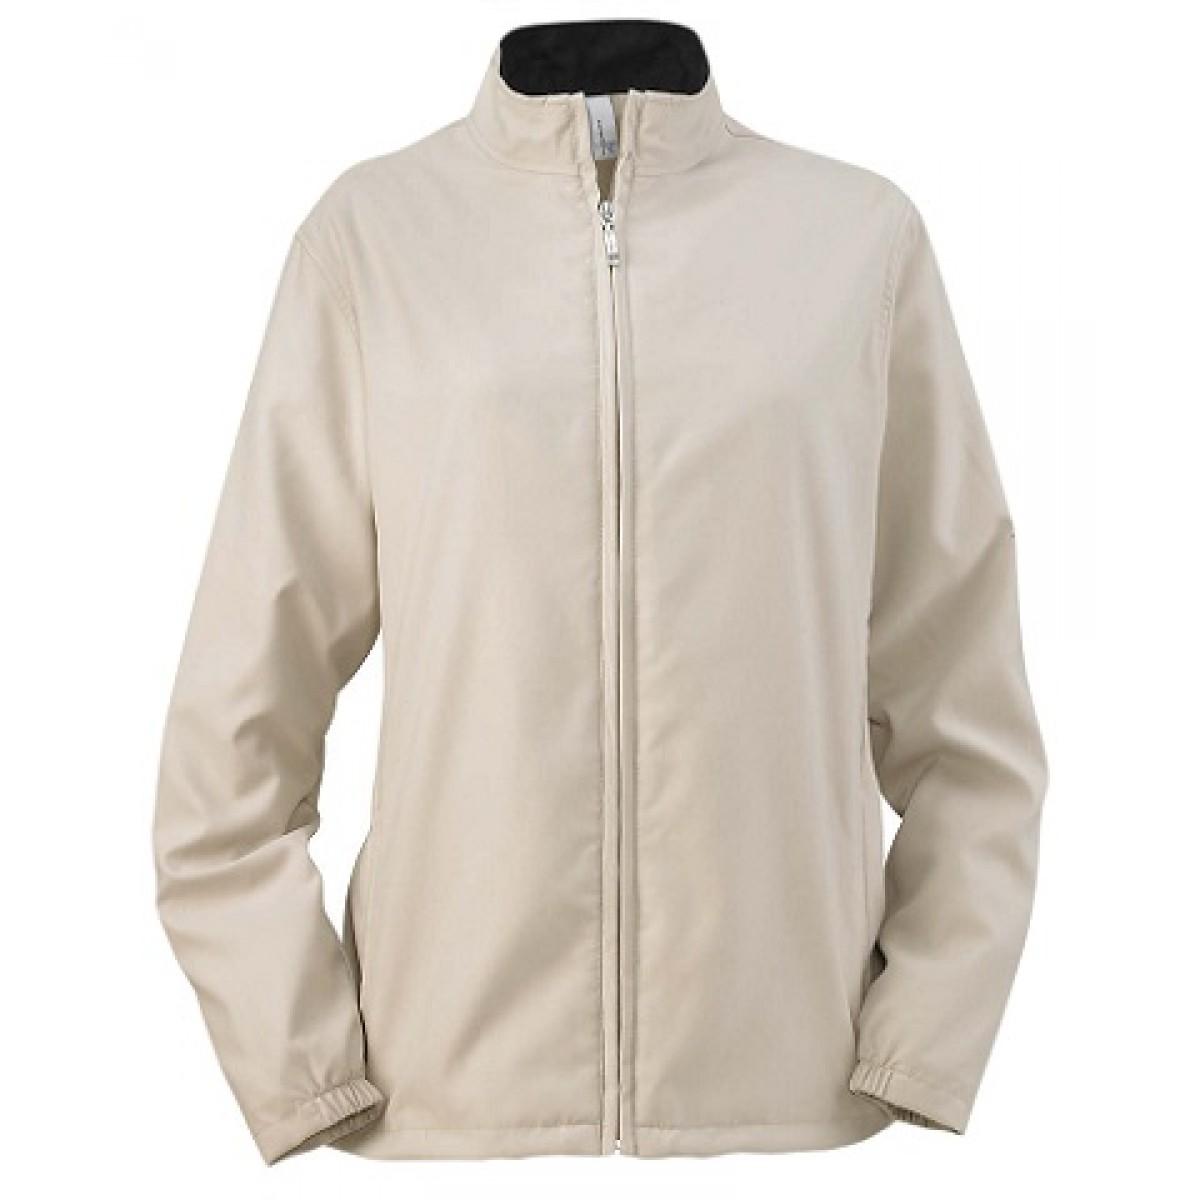 Ladies' Full-Zip Lined Wind Jacket